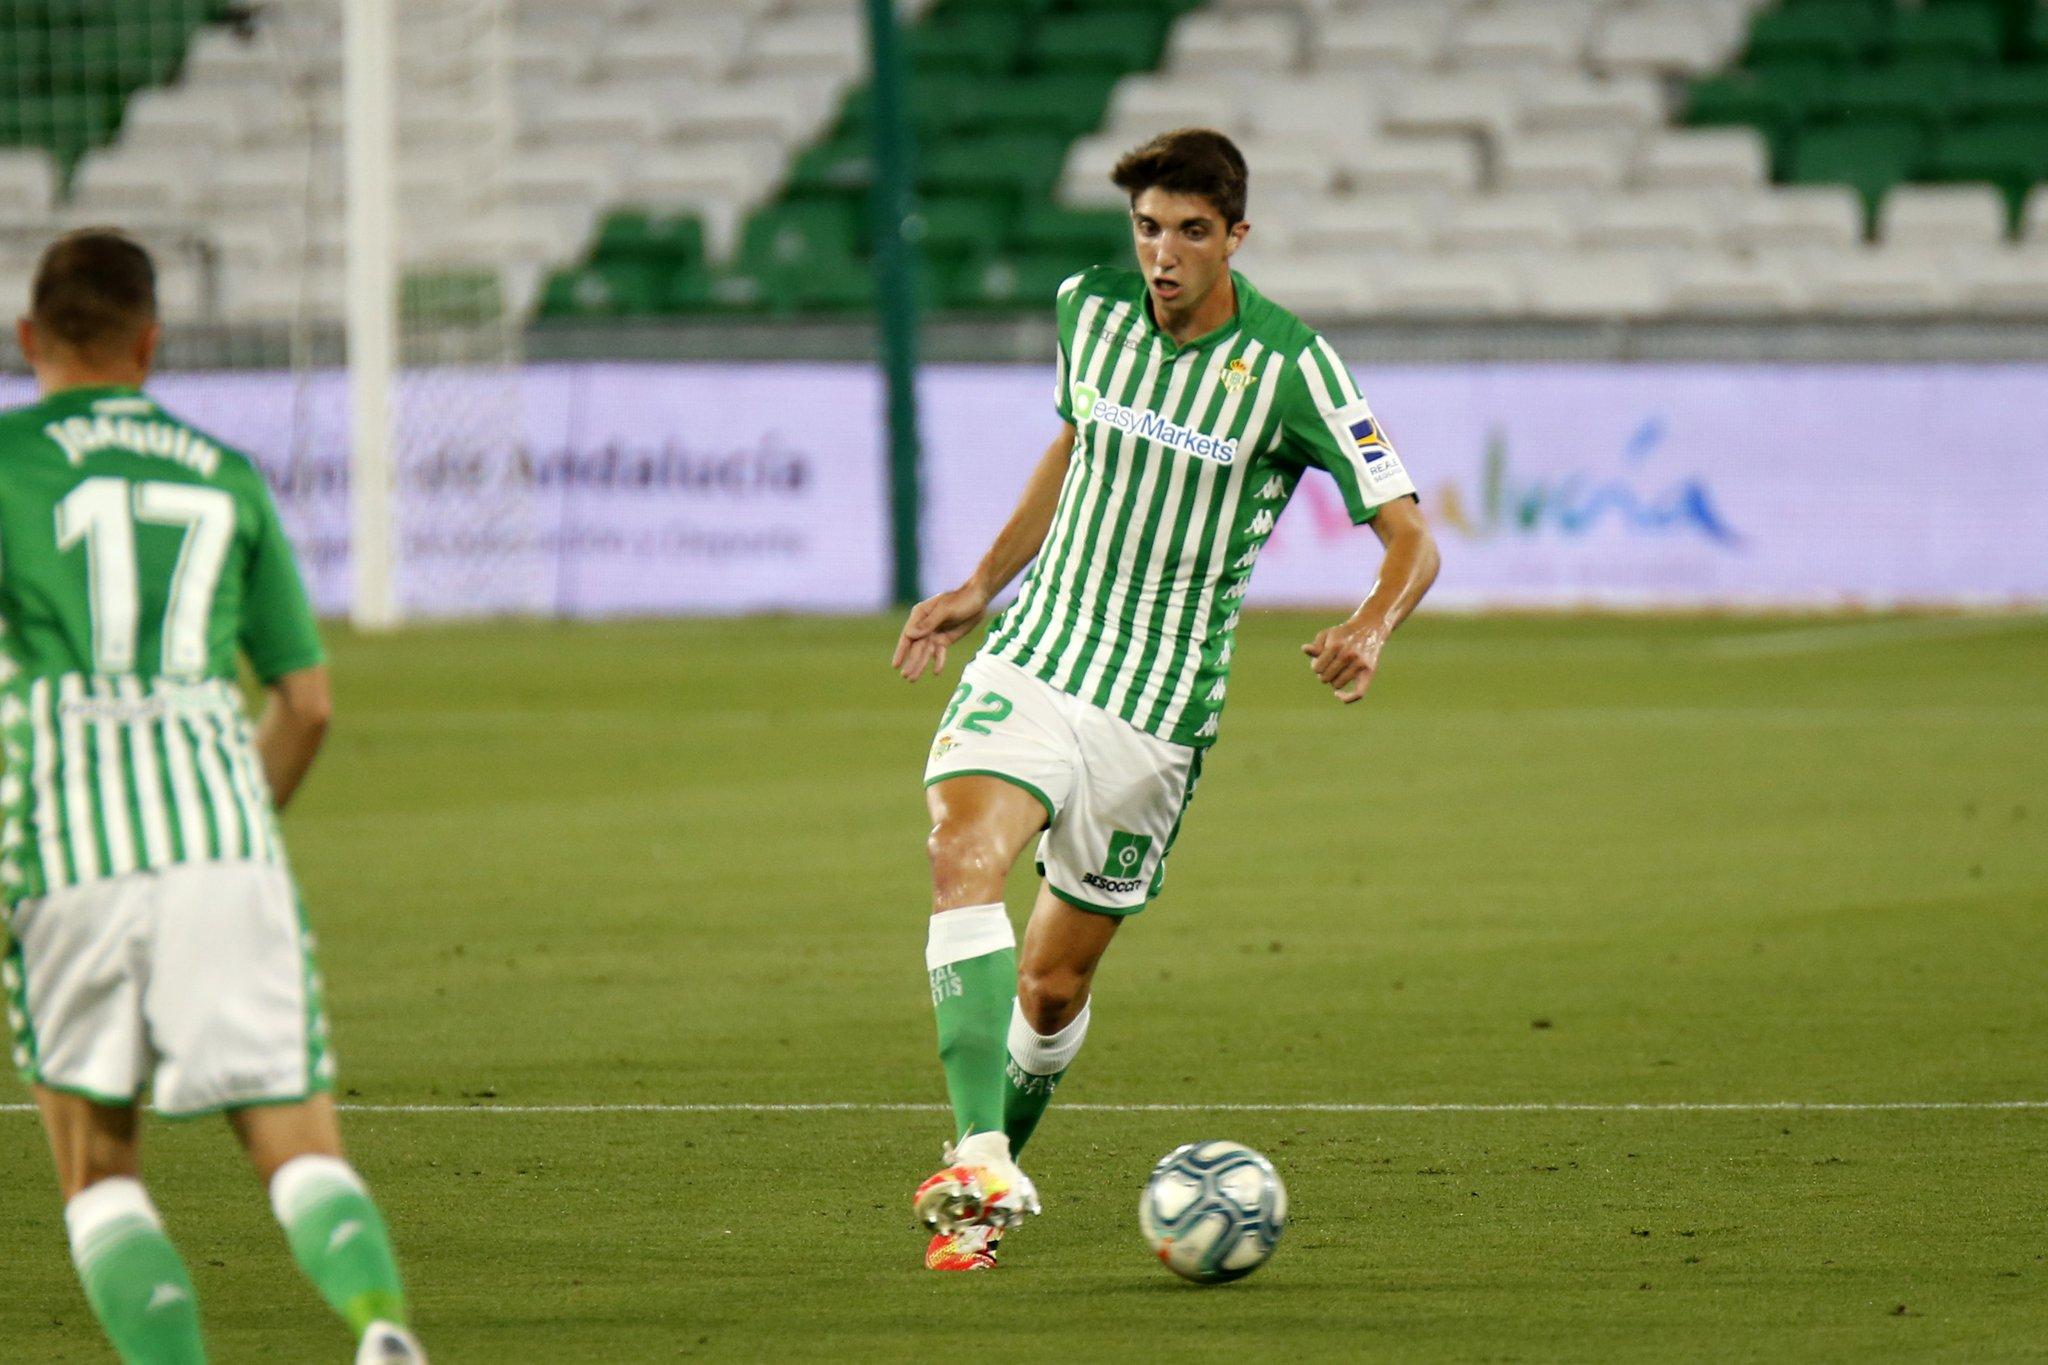 Oficial: Edgar González, cedido al Oviedo - Biwenger y Comunio